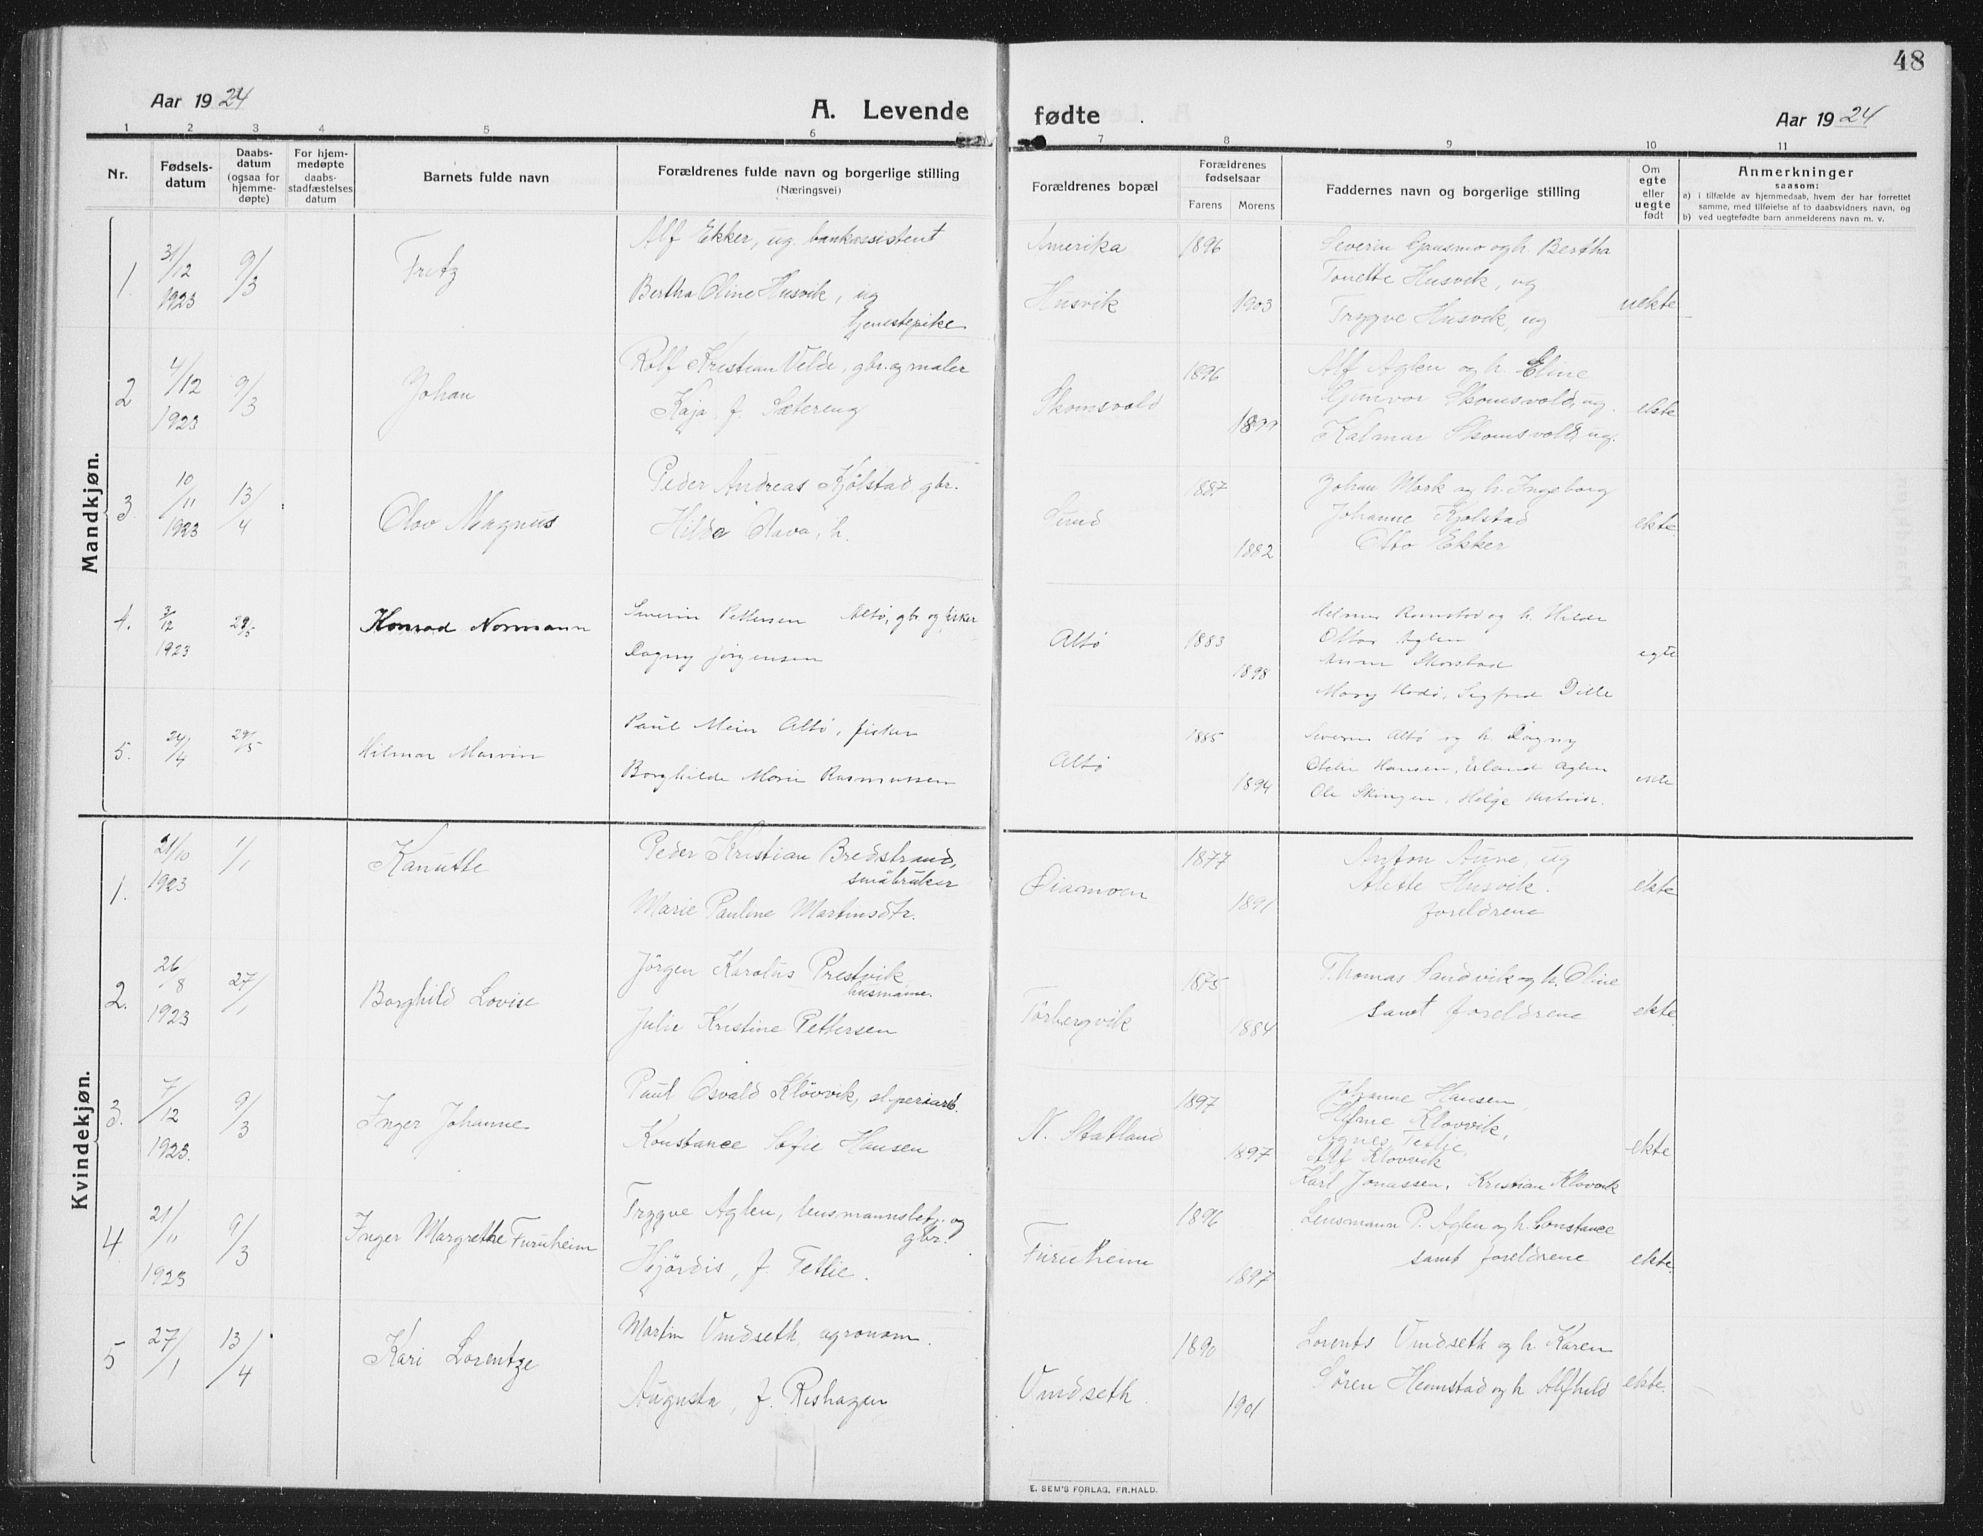 SAT, Ministerialprotokoller, klokkerbøker og fødselsregistre - Nord-Trøndelag, 774/L0630: Klokkerbok nr. 774C01, 1910-1934, s. 48